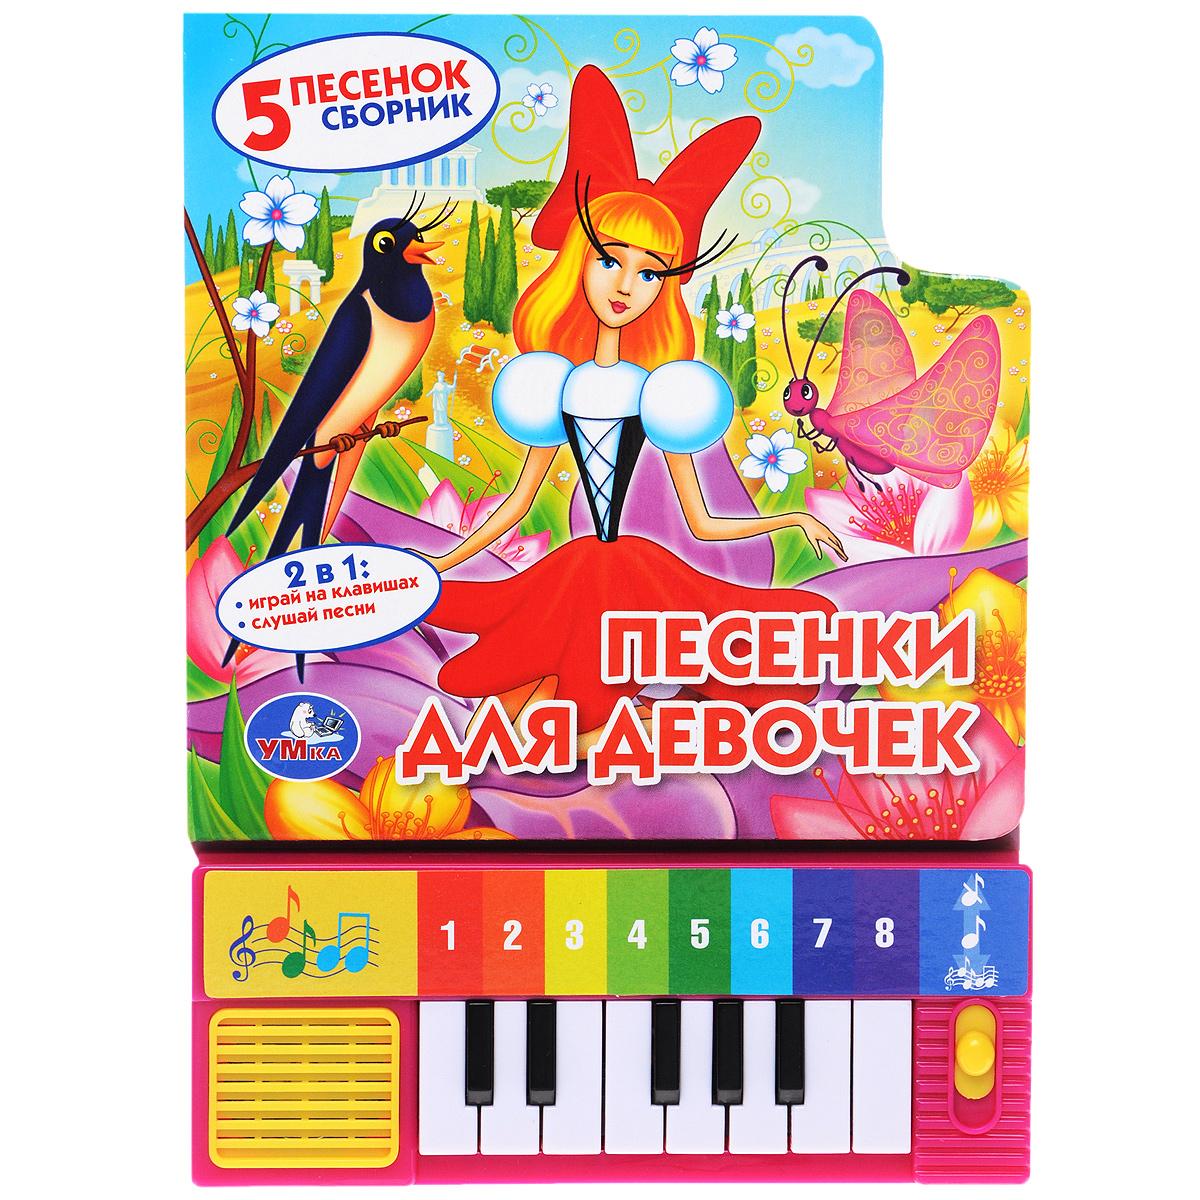 Песенки для девочек. Книжка-игрушка классическая музыка для чайников купить